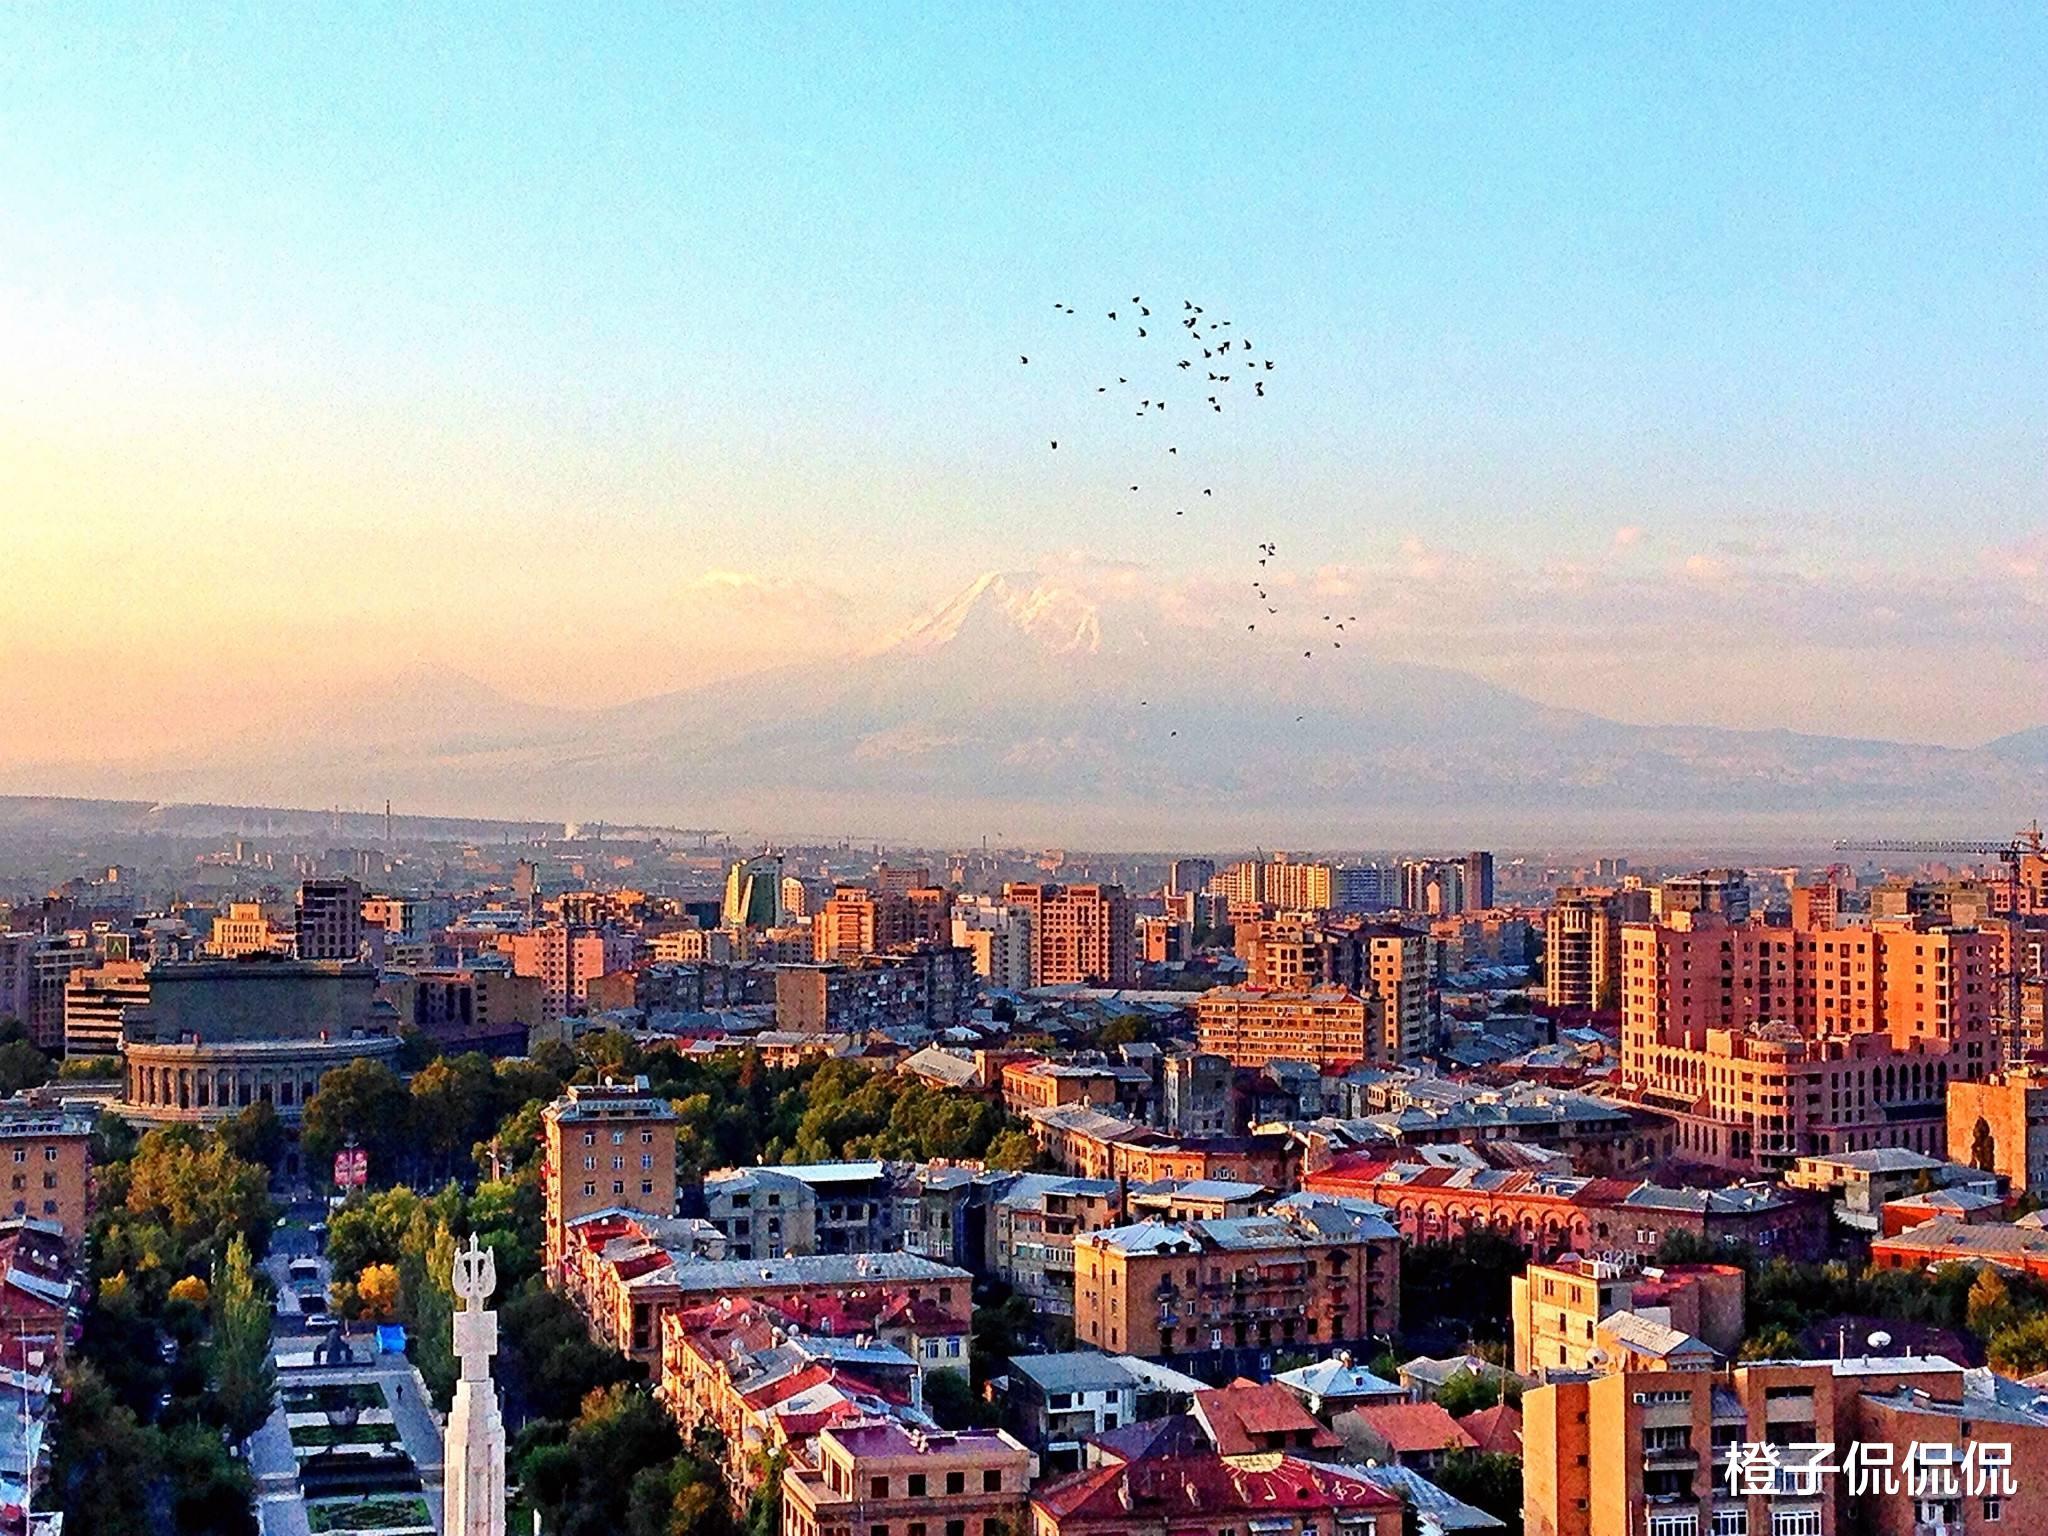 亞美尼亞埃裡溫 雖不富裕 氣質卻不俗-圖2